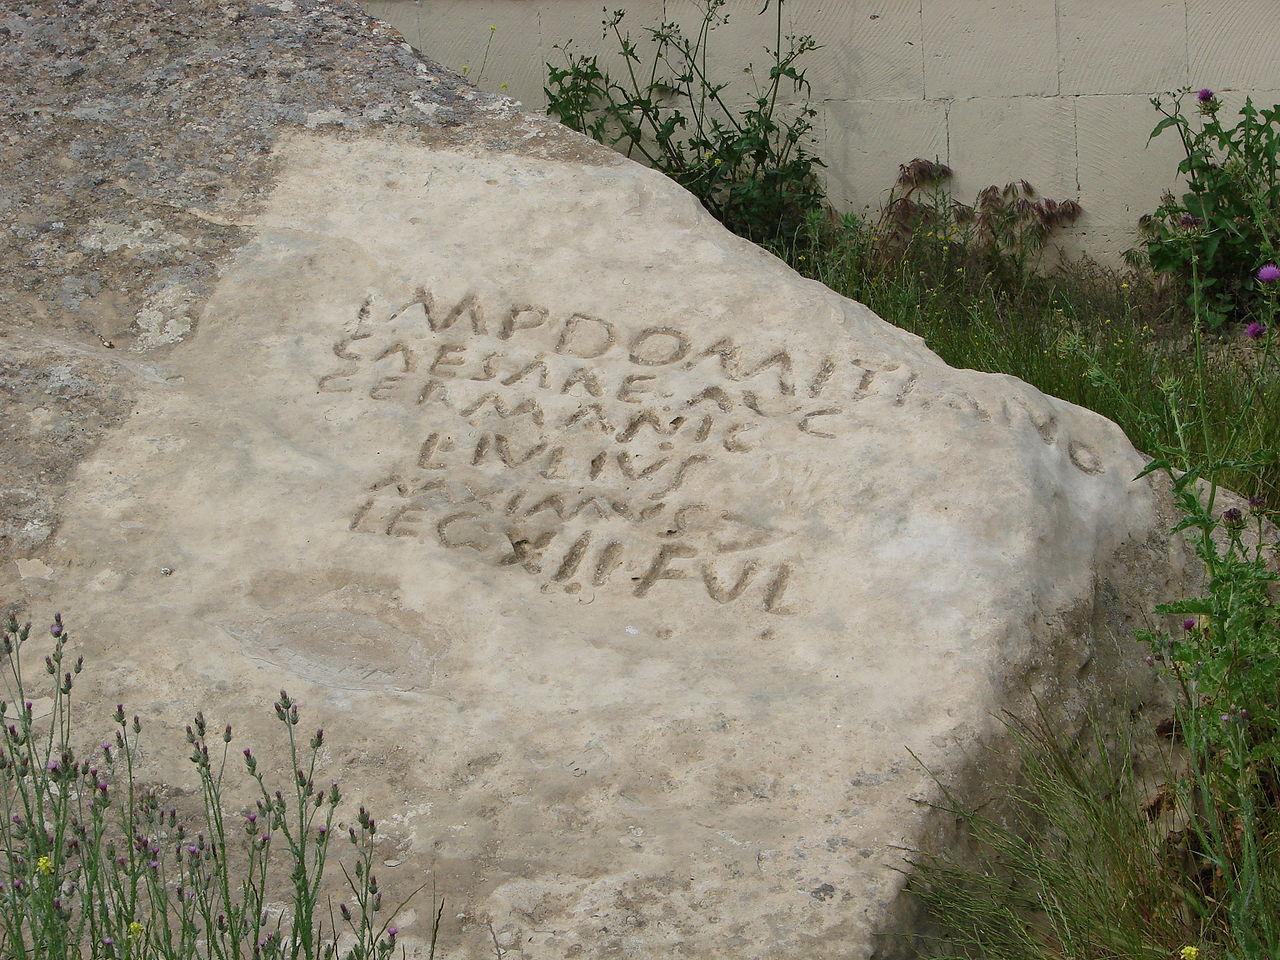 Гобустанский заповедник, римская надпись